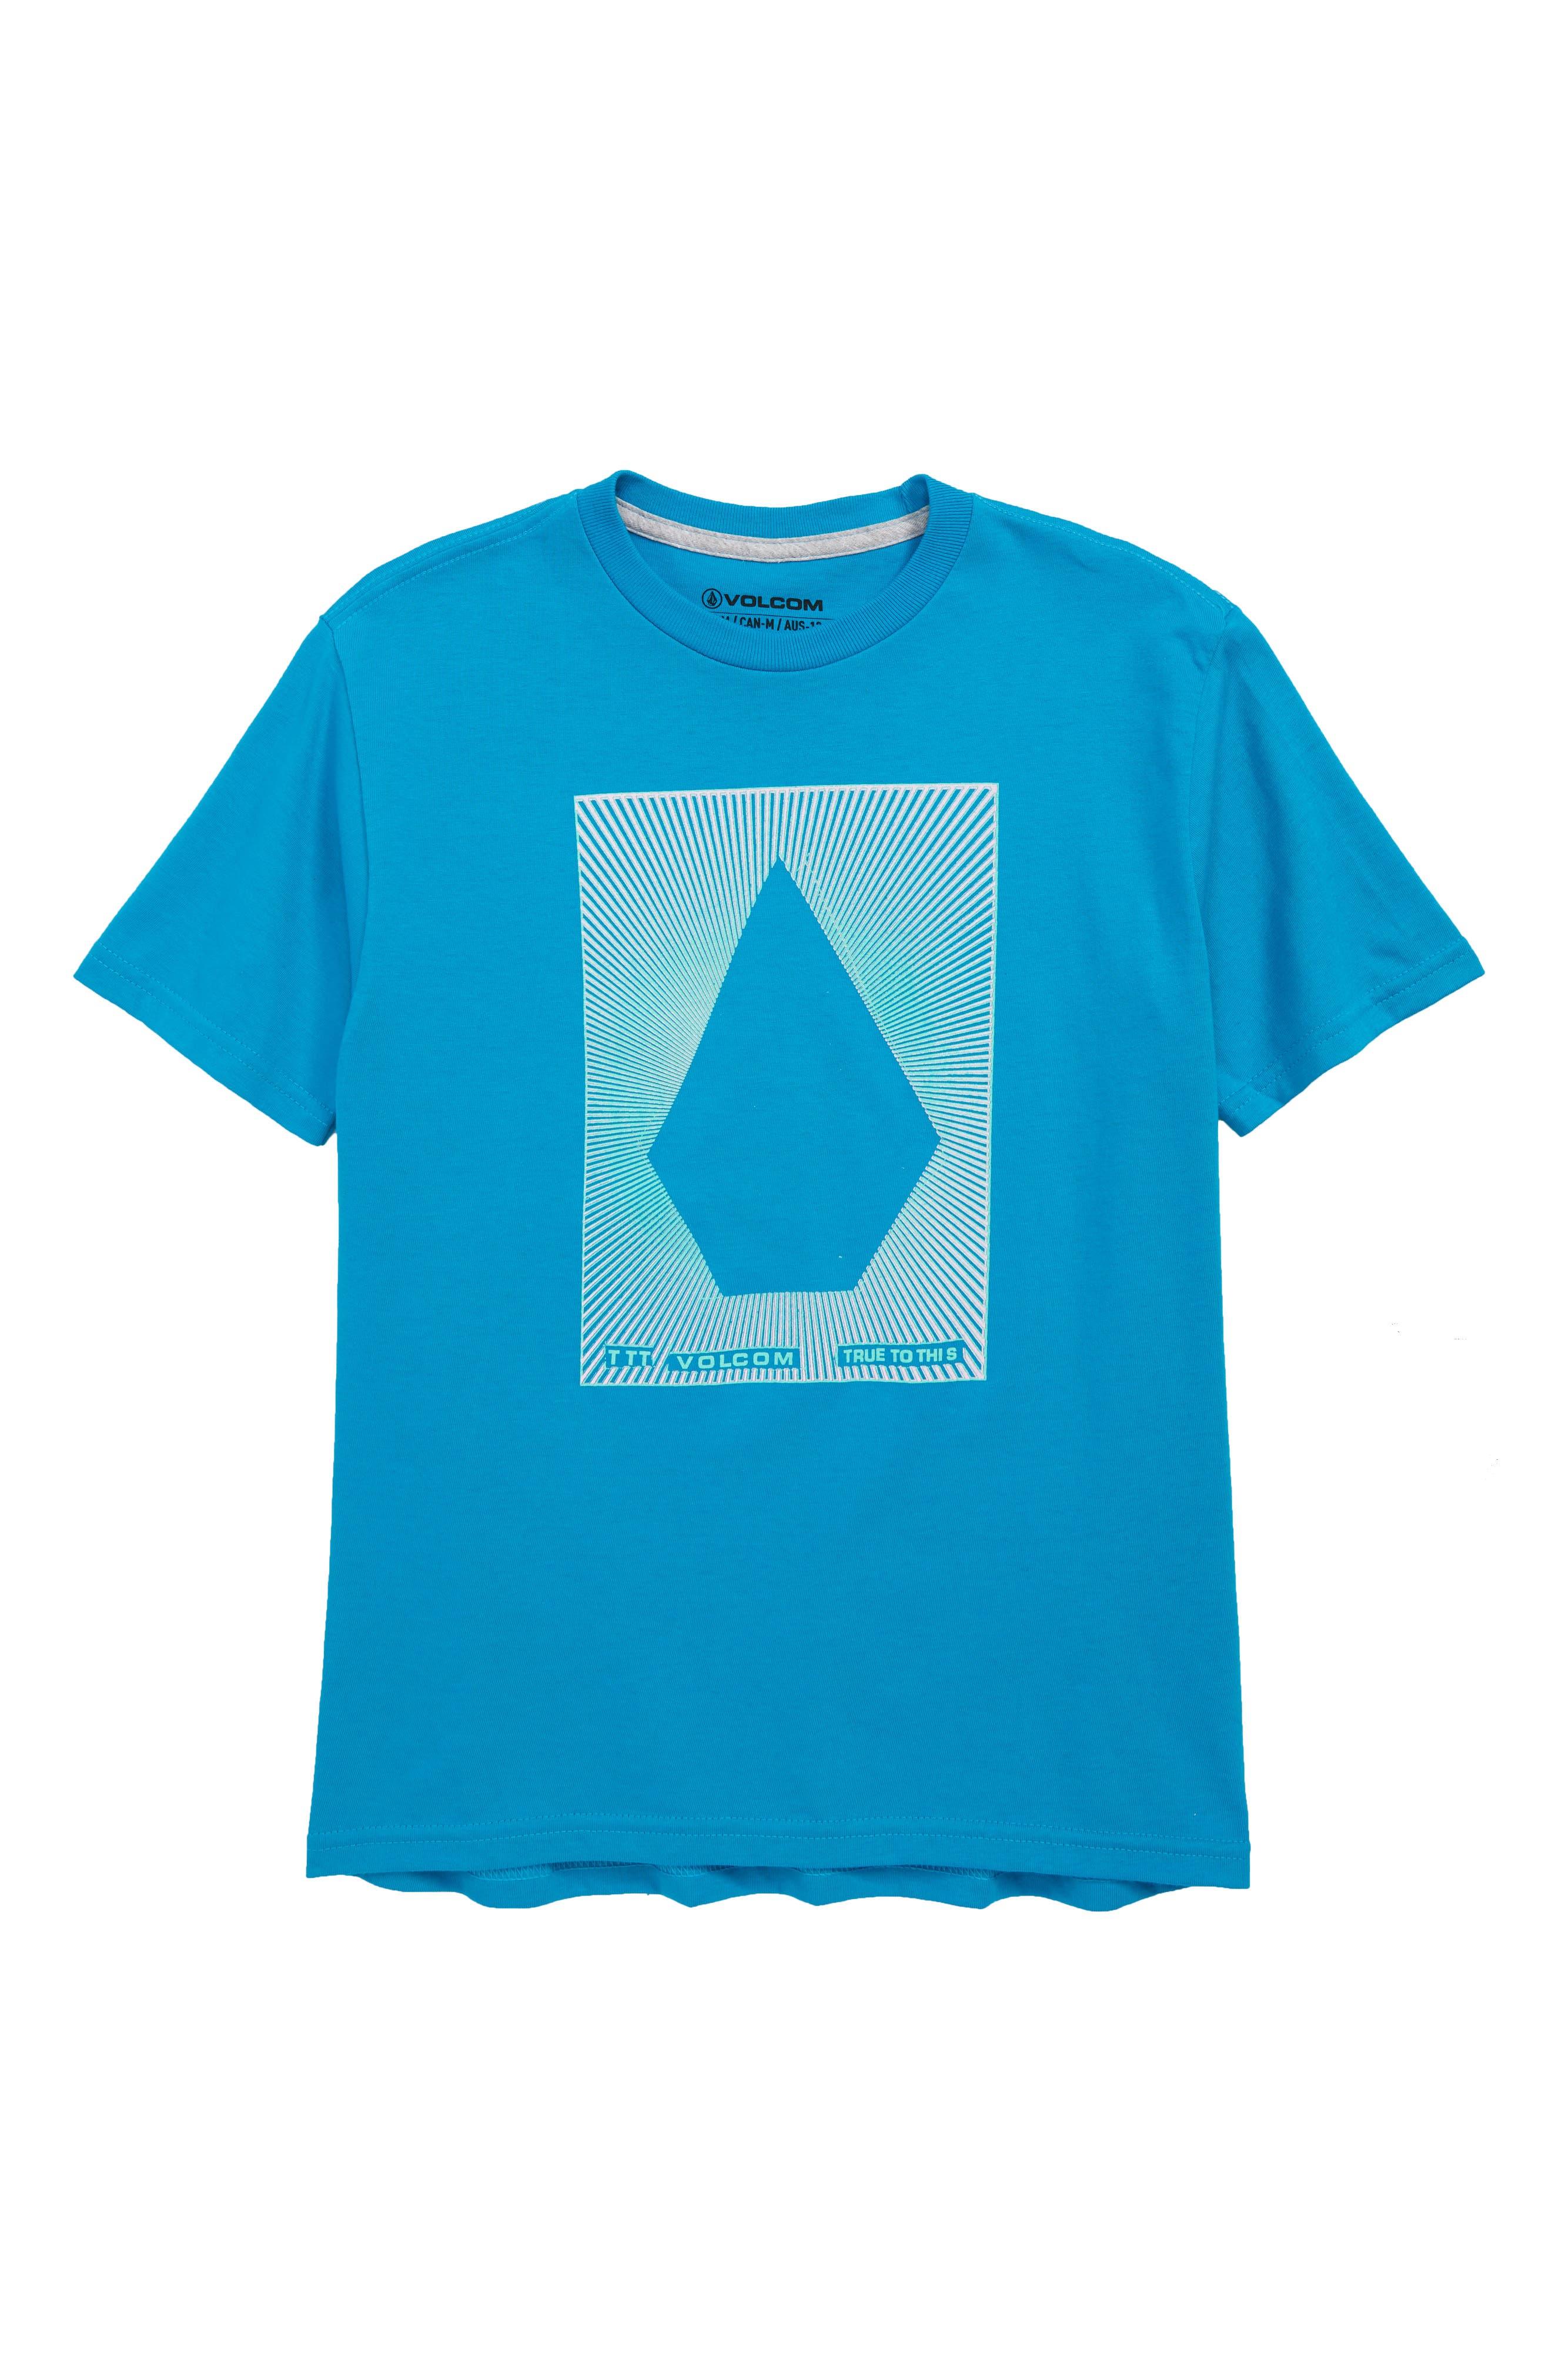 Boys Volcom Core Stone Graphic TShirt